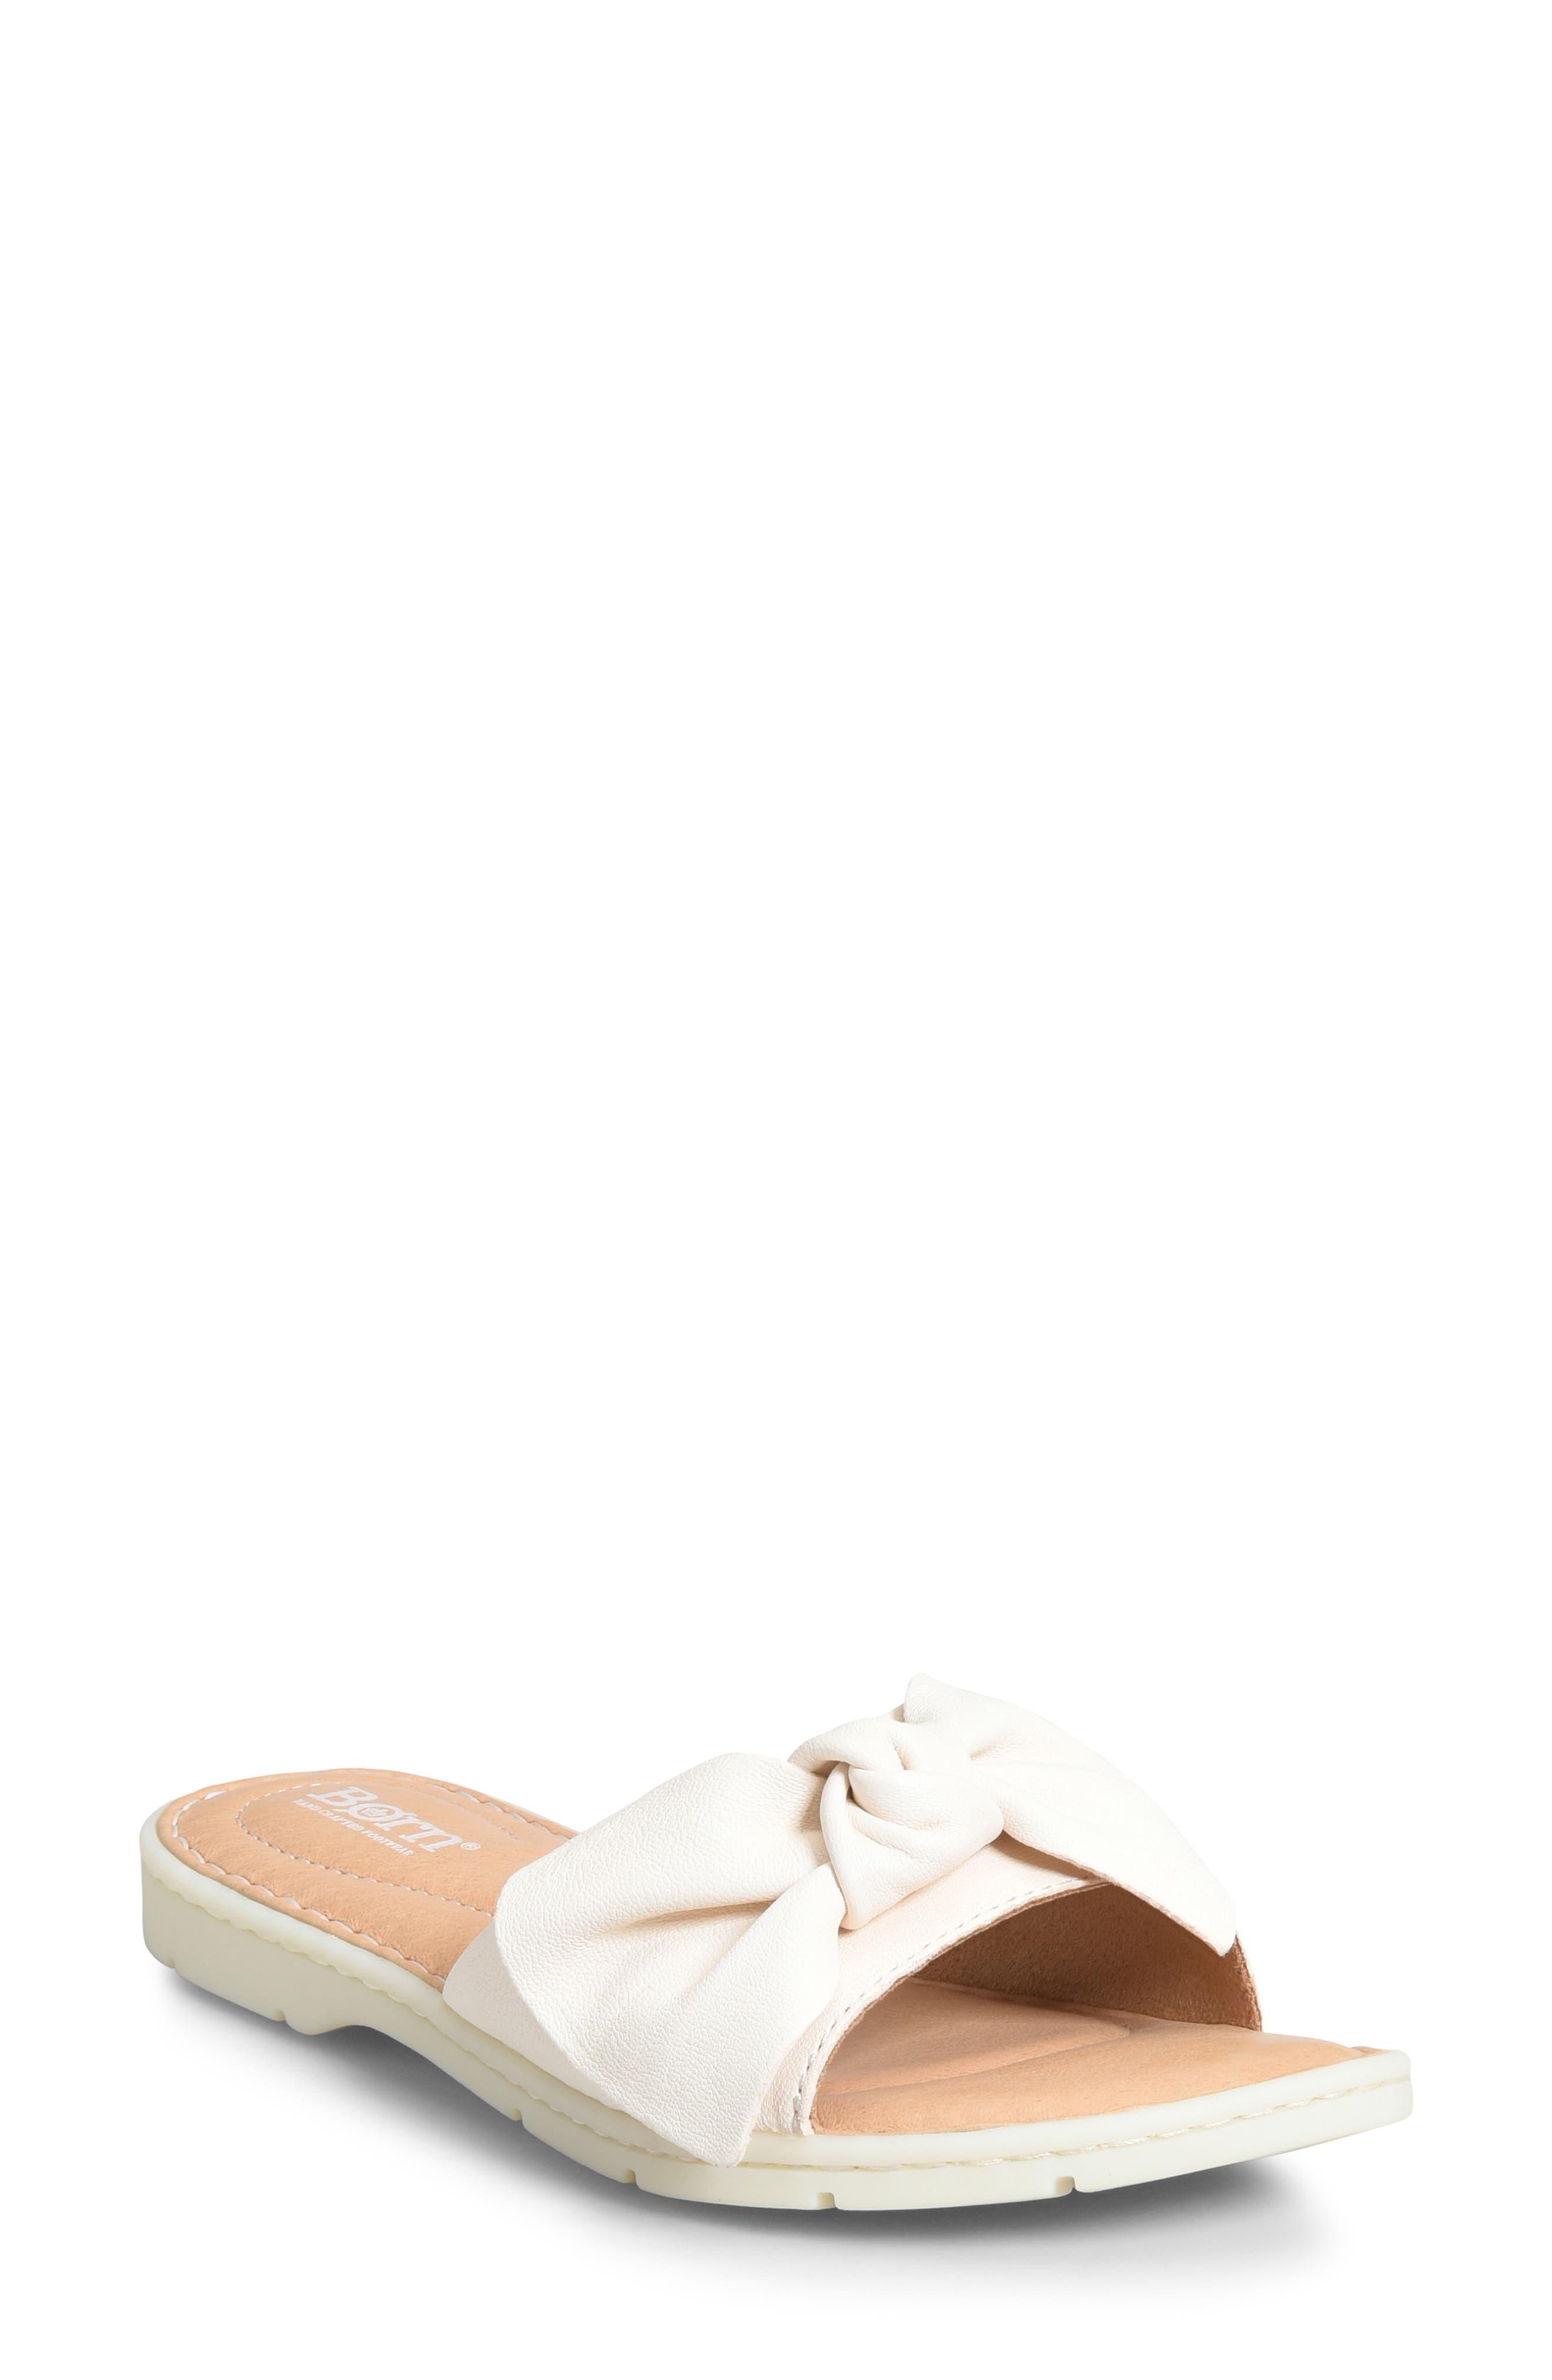 B?rn Teton Knotted Slide Sandal, White